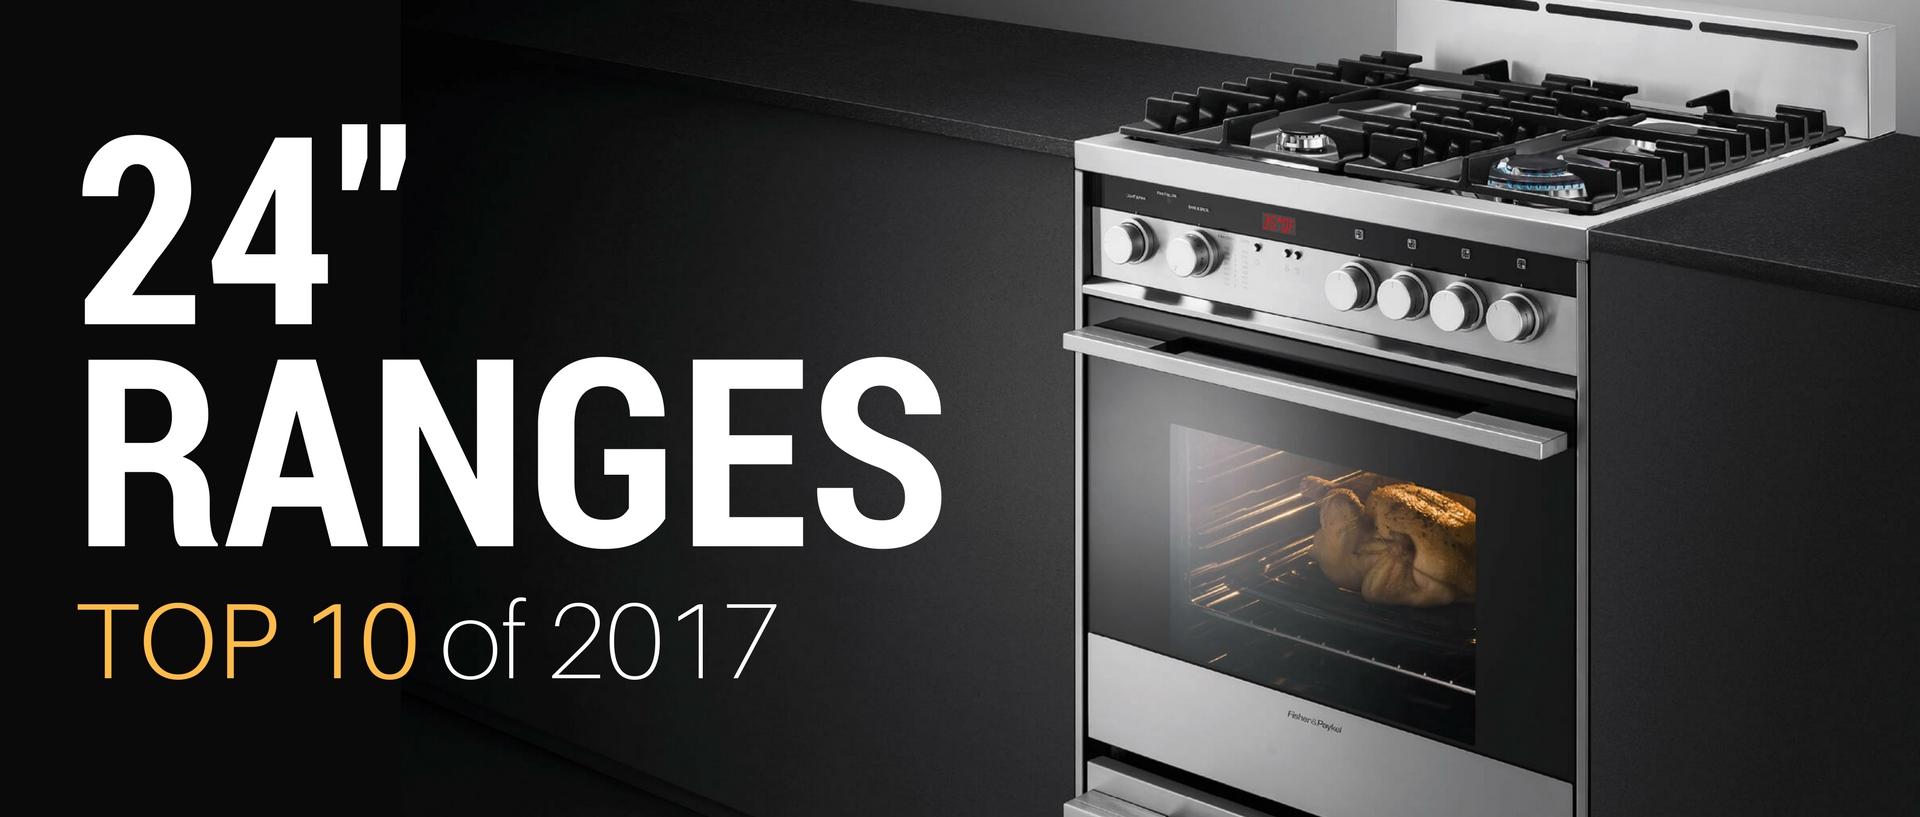 Top Ten Inch Ranges Of Appliances Connection - Top ten kitchen appliances